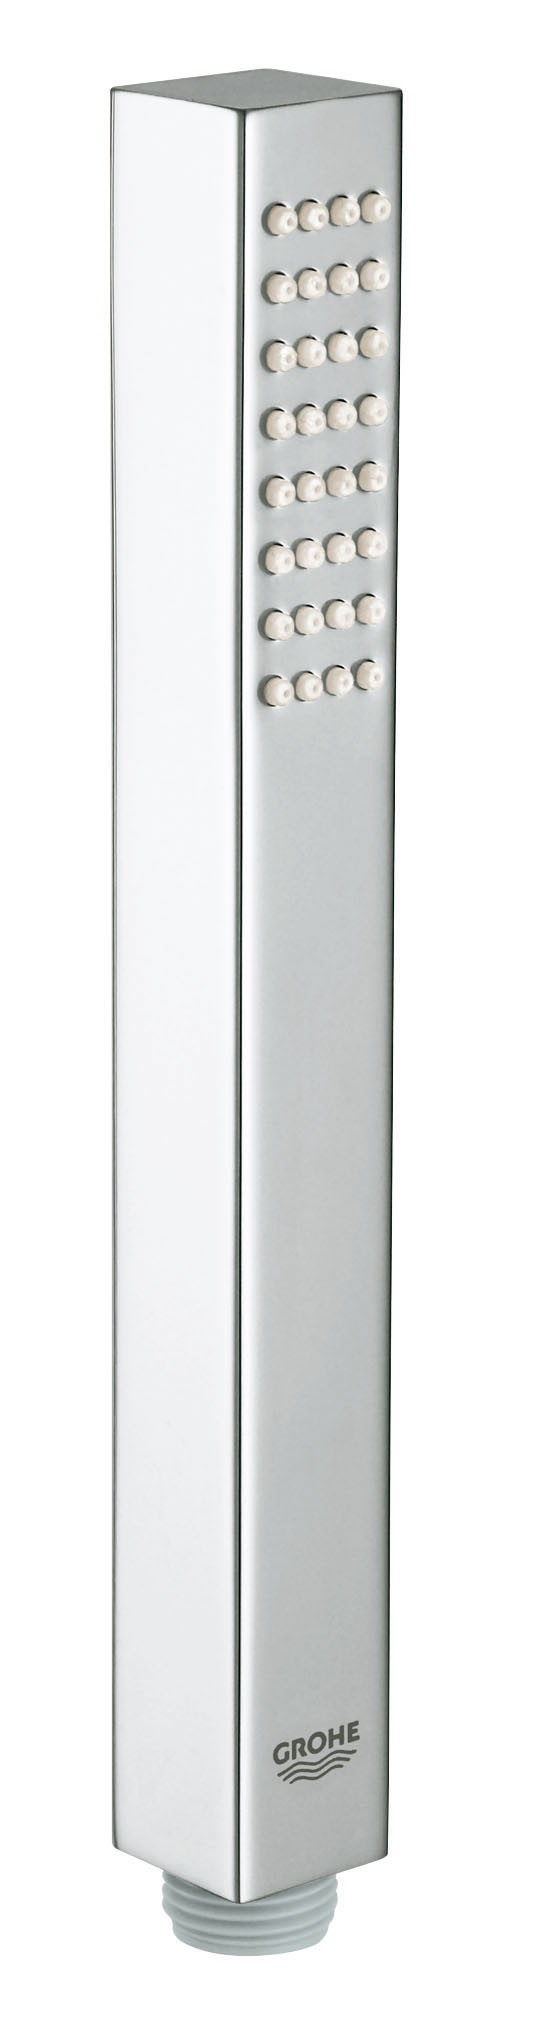 Grohe 27884001 Euphoria Cube+ (1 режим), хром (27884001)